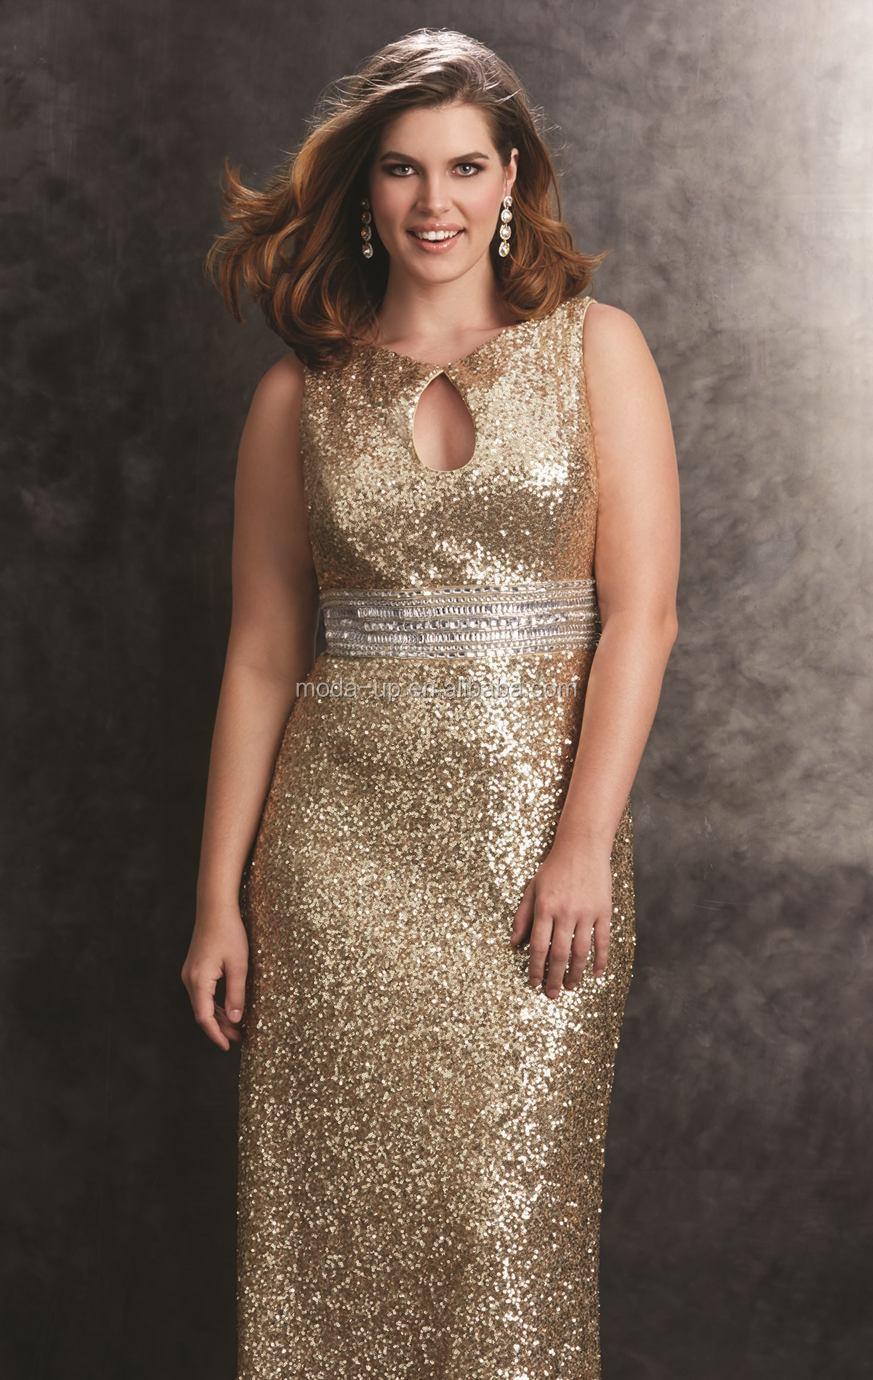 Bling Gold Evening Dress,Fat Women Dresses,Evening Dress For Fat ...